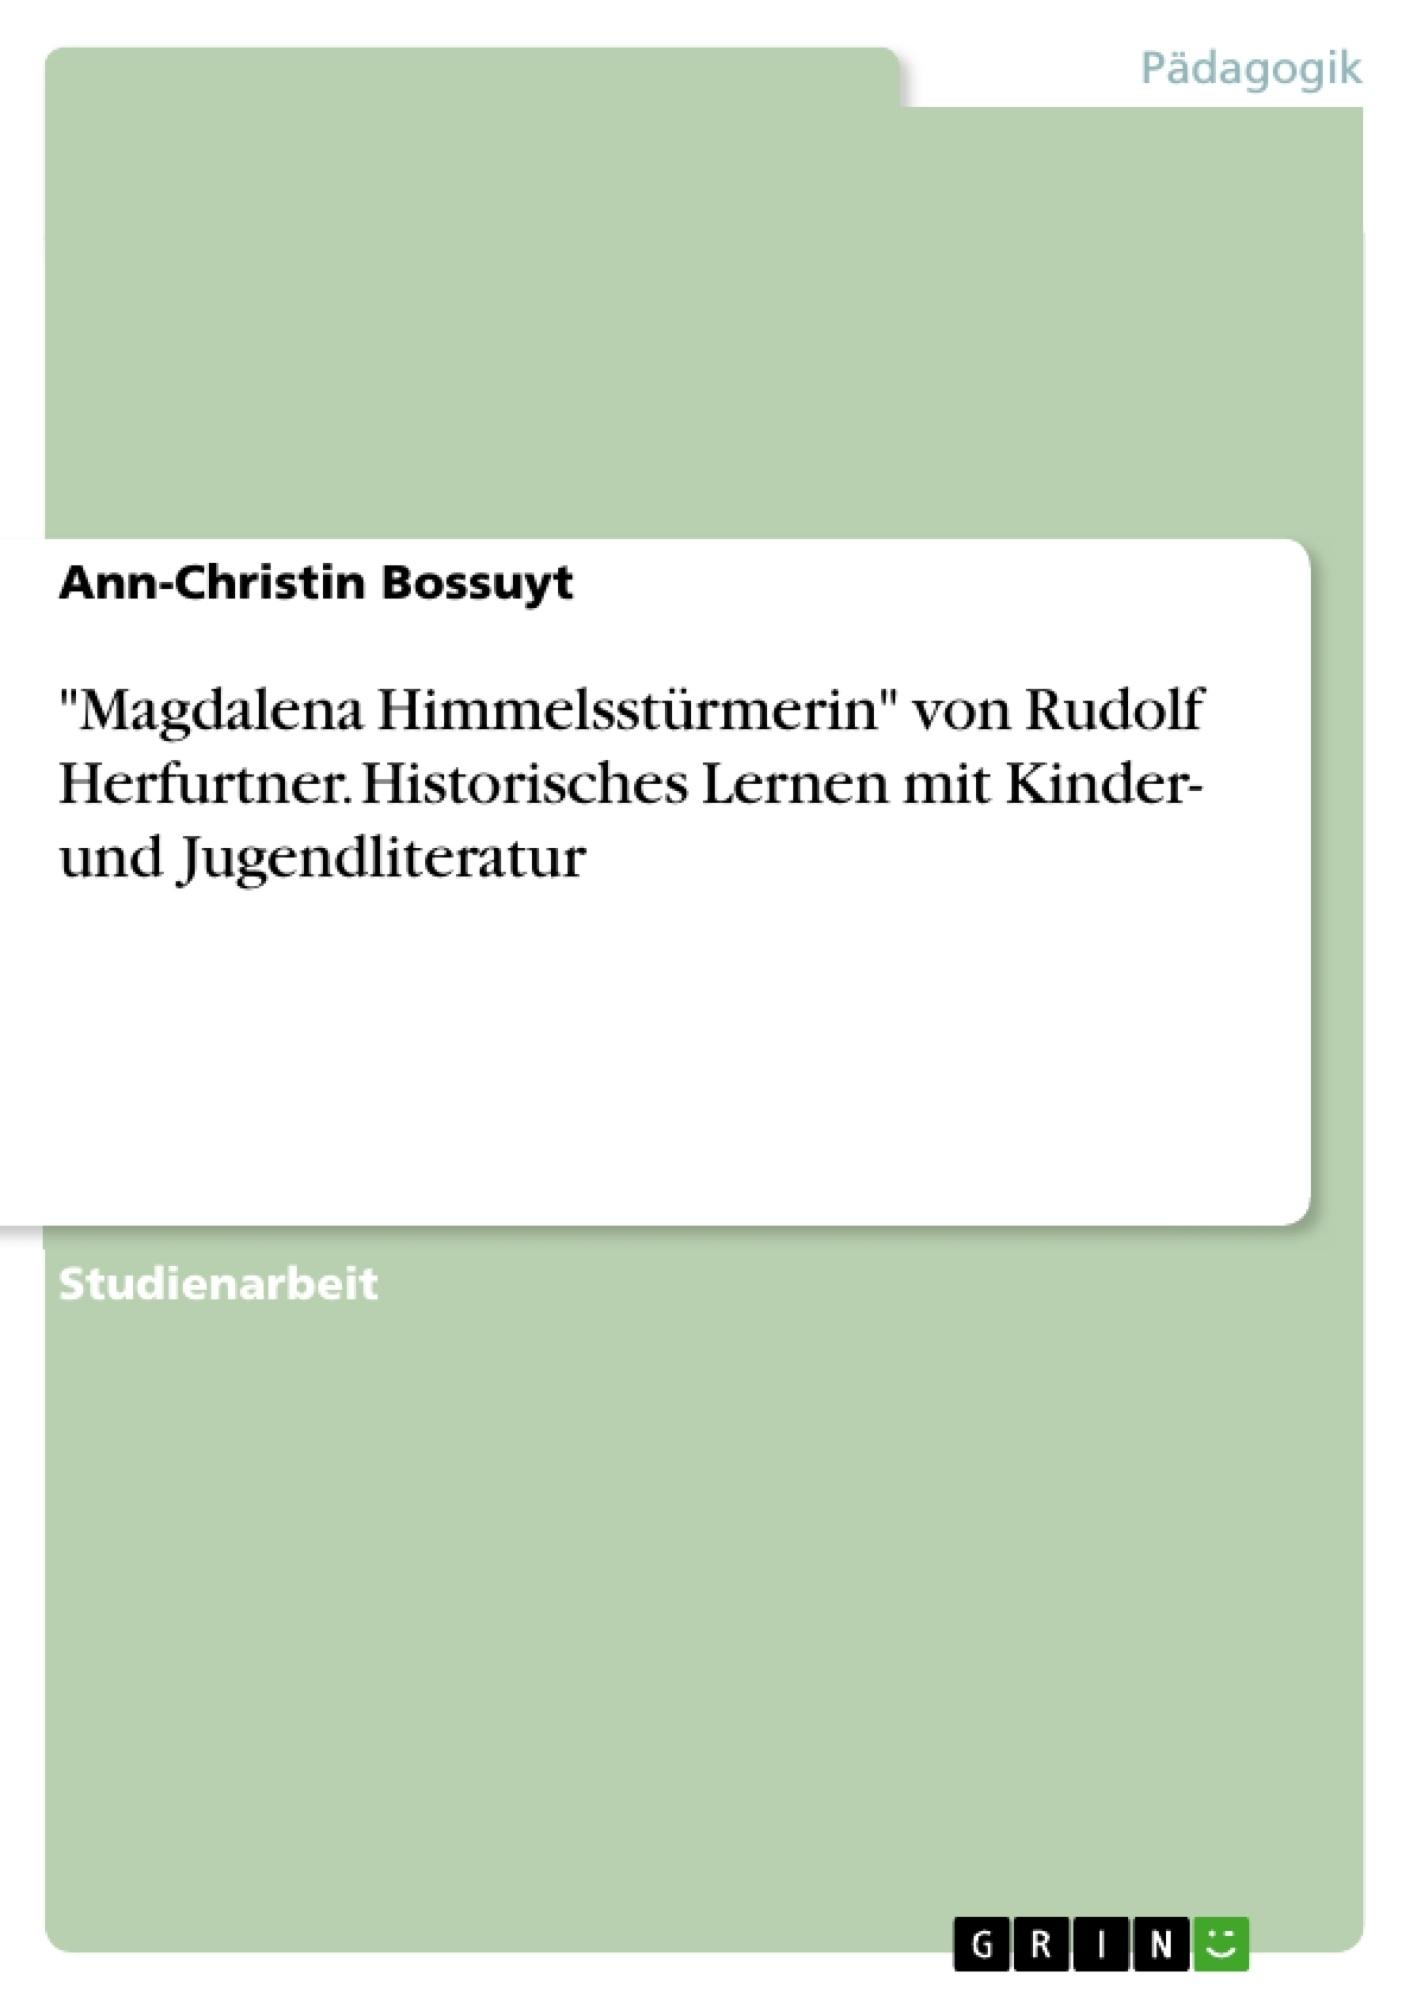 """Titel: """"Magdalena Himmelsstürmerin"""" von Rudolf Herfurtner. Historisches Lernen mit Kinder- und Jugendliteratur"""